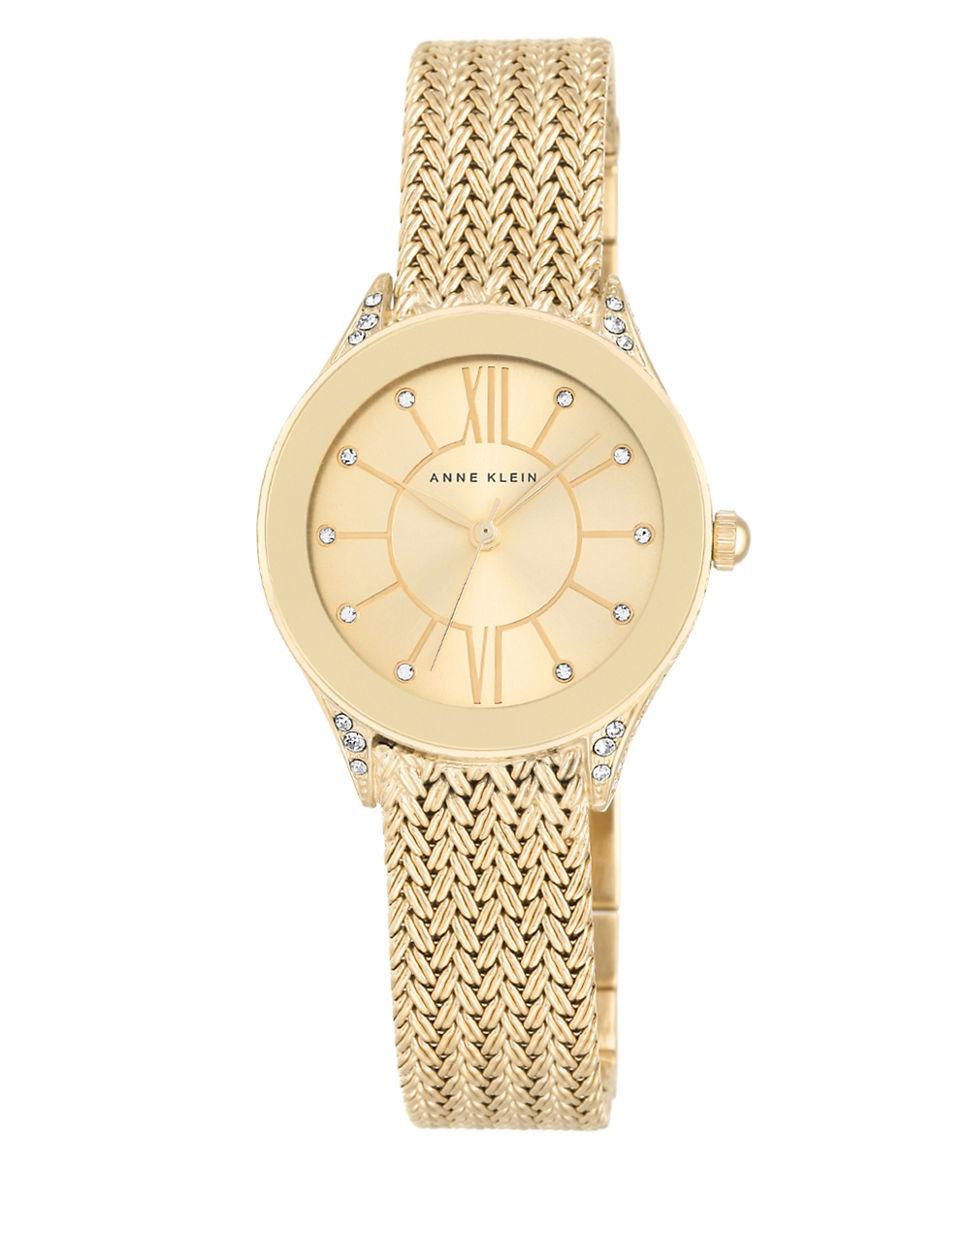 Anne klein swarovski crystal accented braided bracelet watch ak2208chgb in metallic lyst for Anne klein swarovski crystals